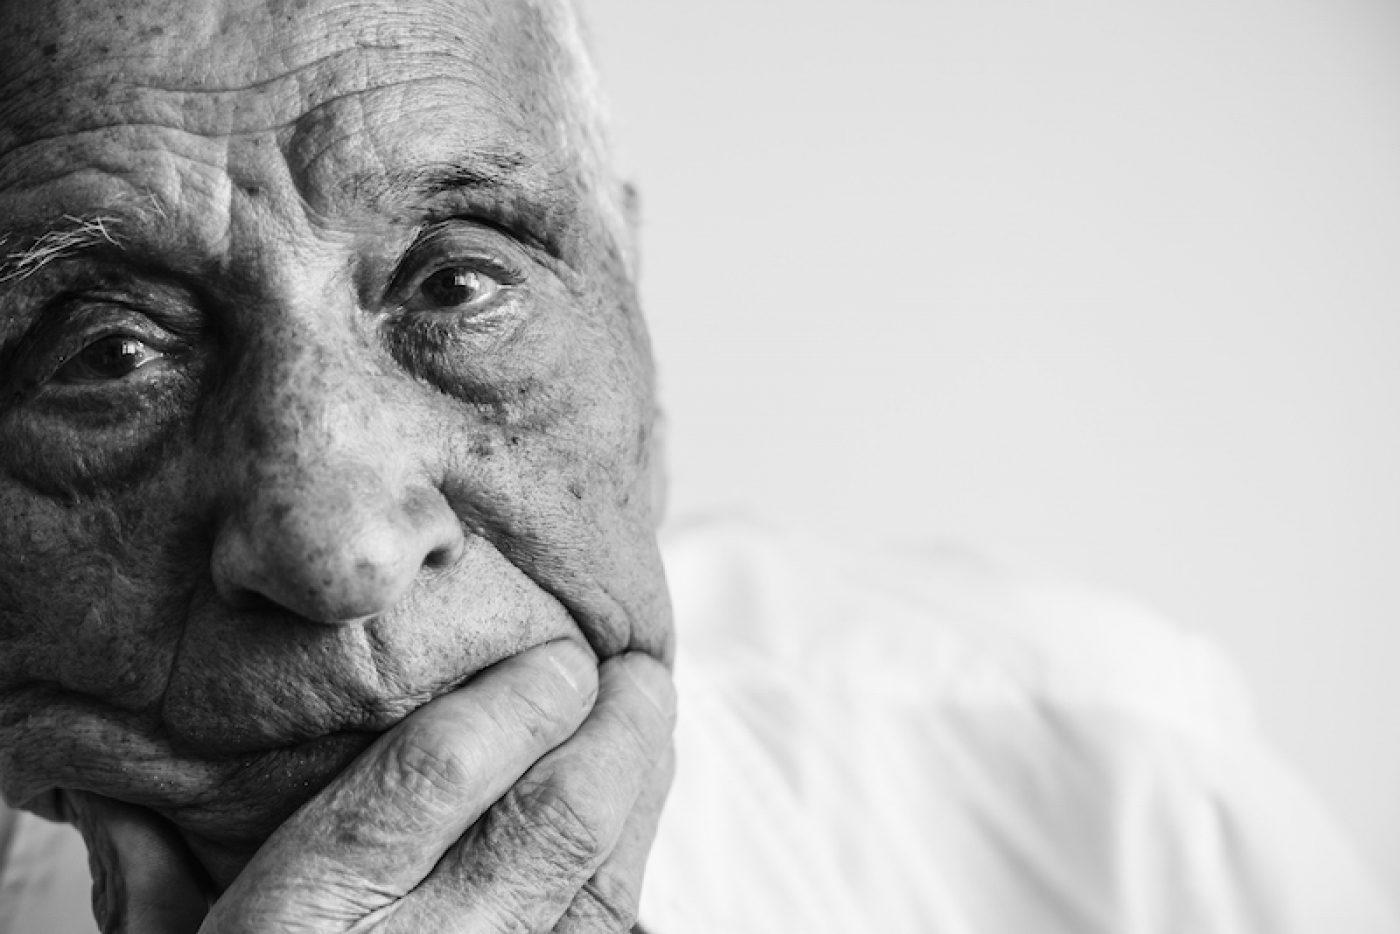 Elder man experiencing emotional abuse